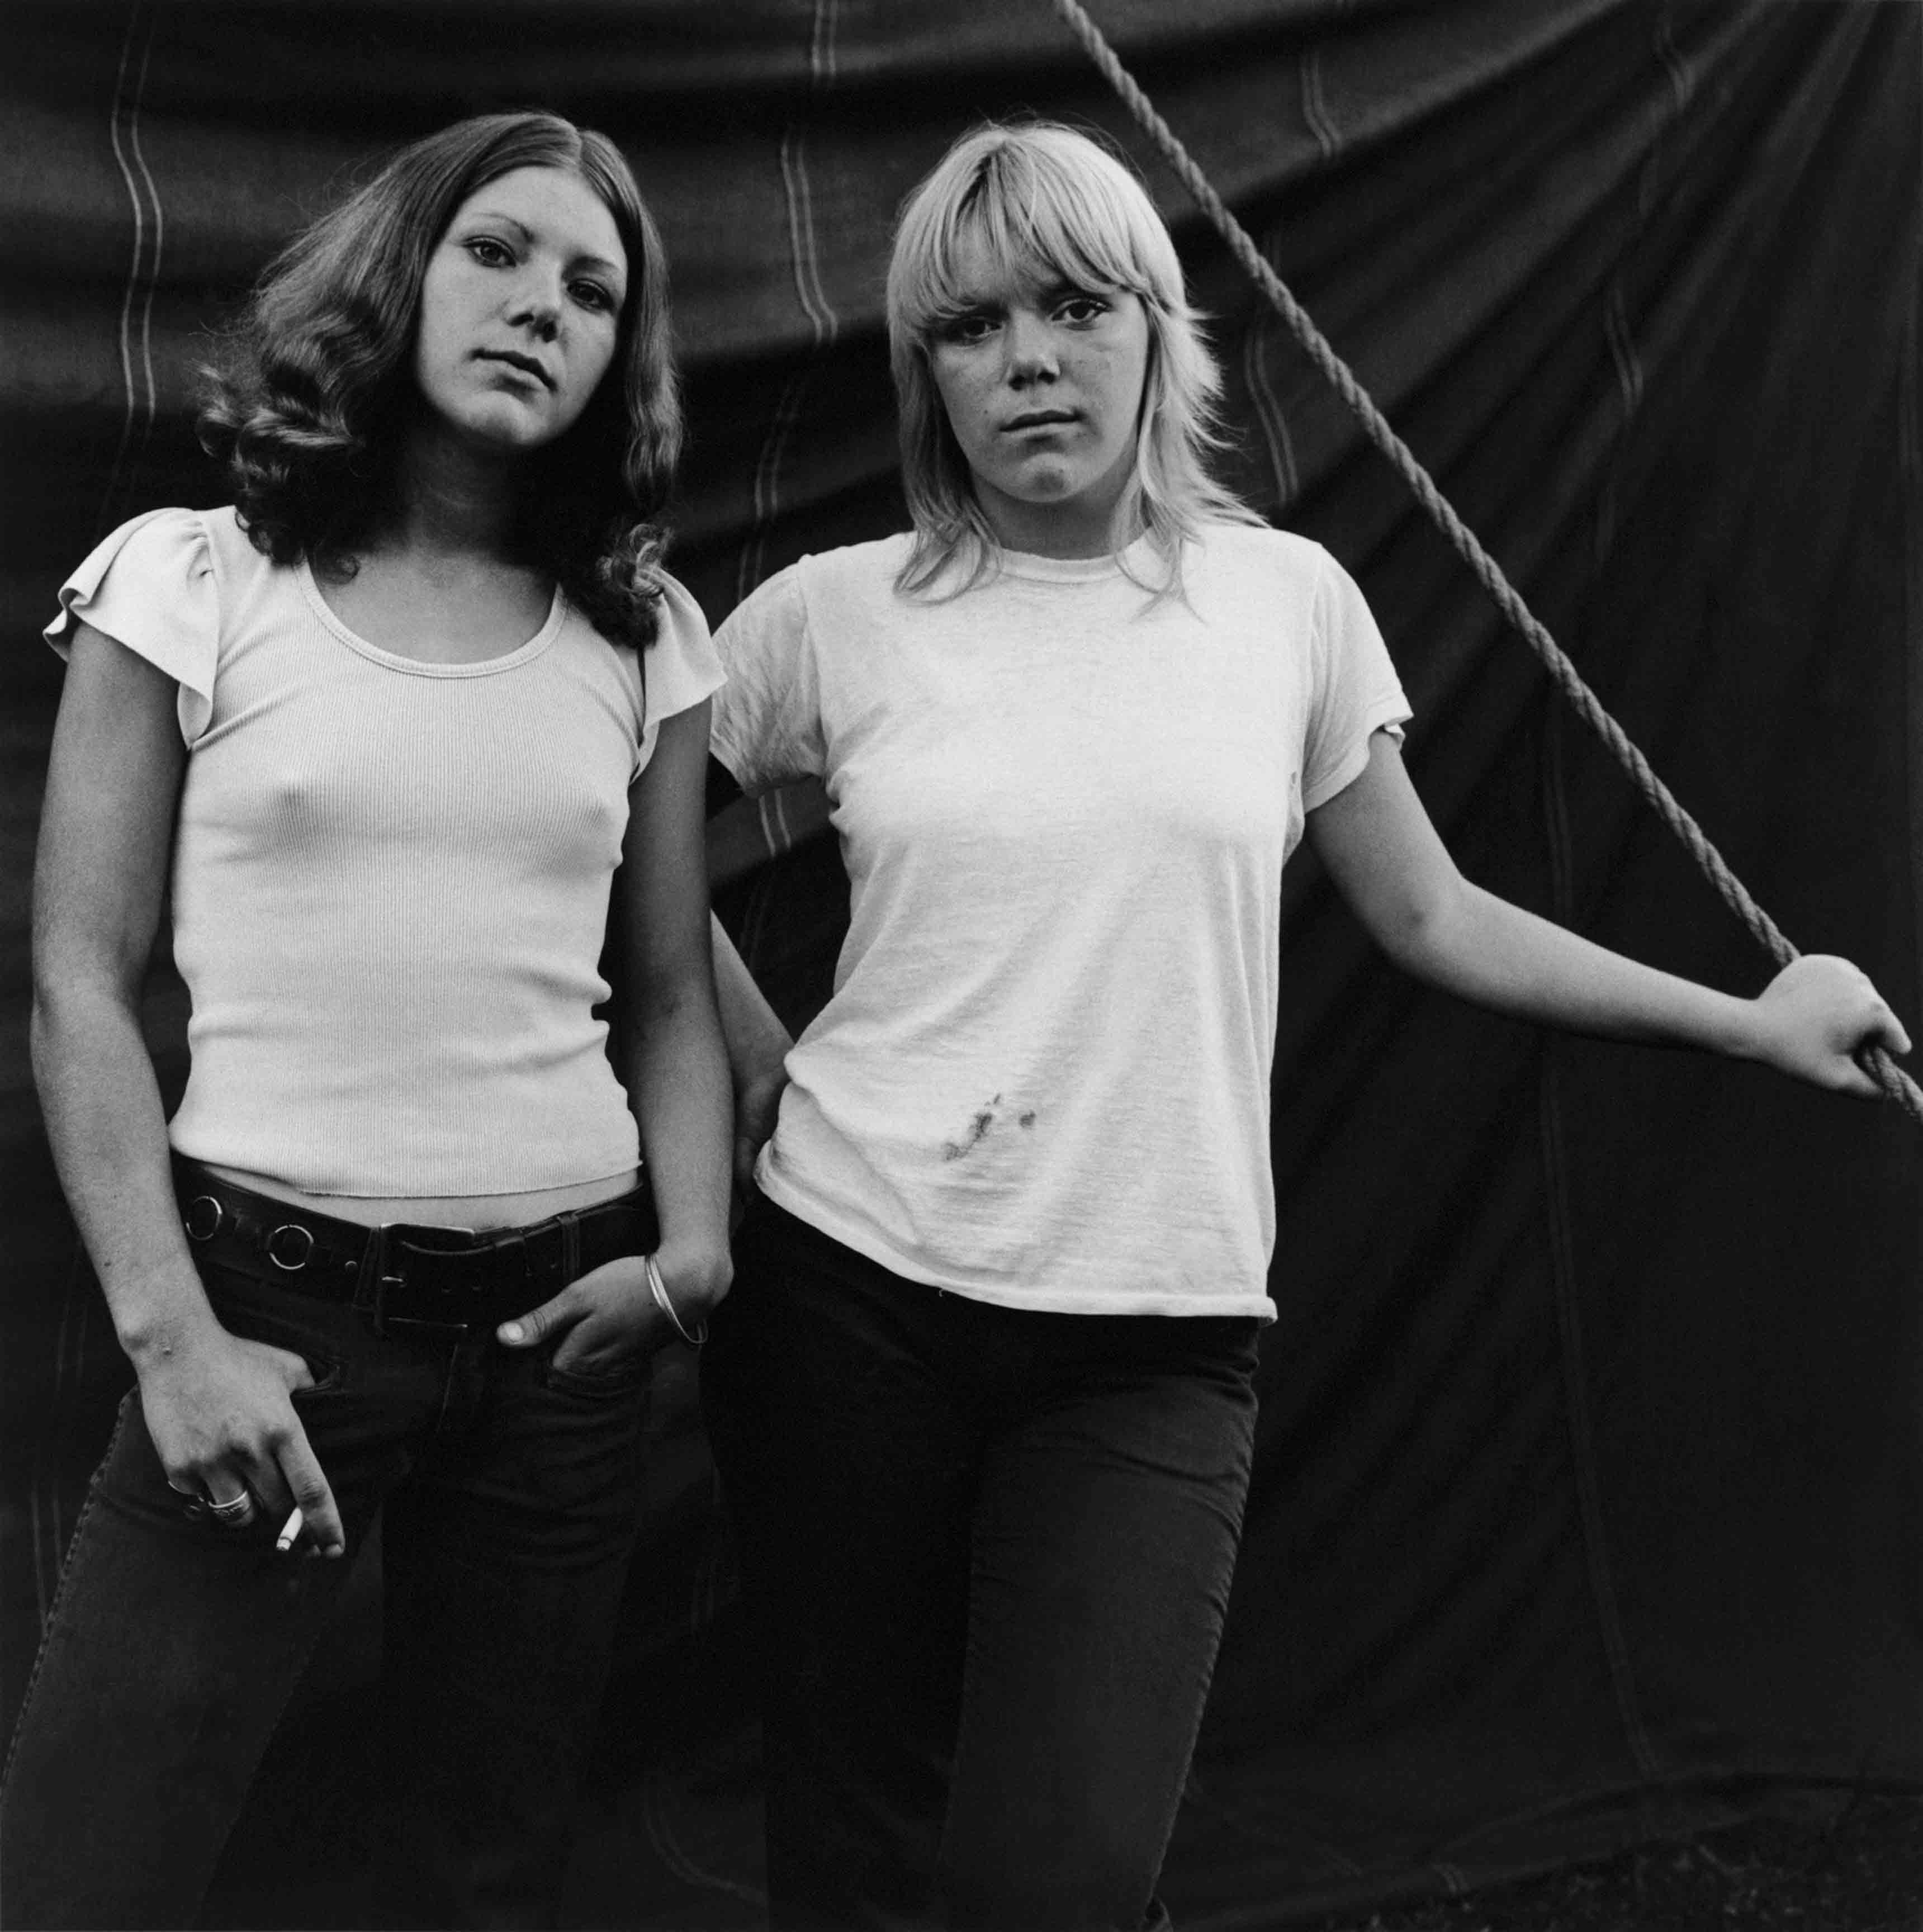 Debbie et Renee, Rockland, Maine, 1972. Série Carnival Strippers, 1972-1975 © Susan Meiselas/Magnum Photos